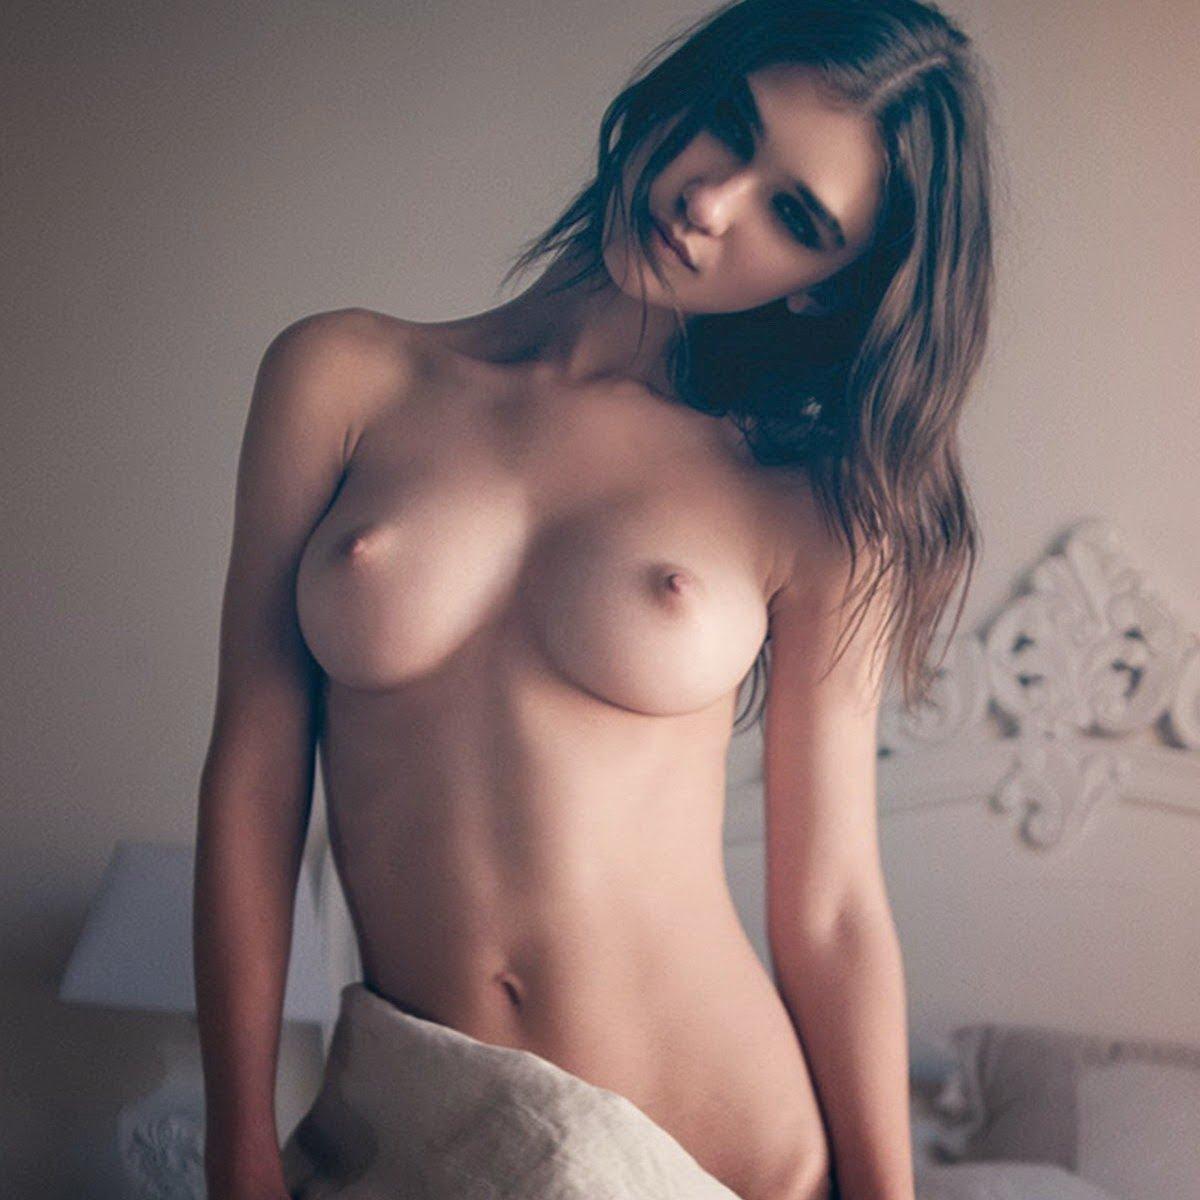 paula-pattnude-naked-ebony-mifls